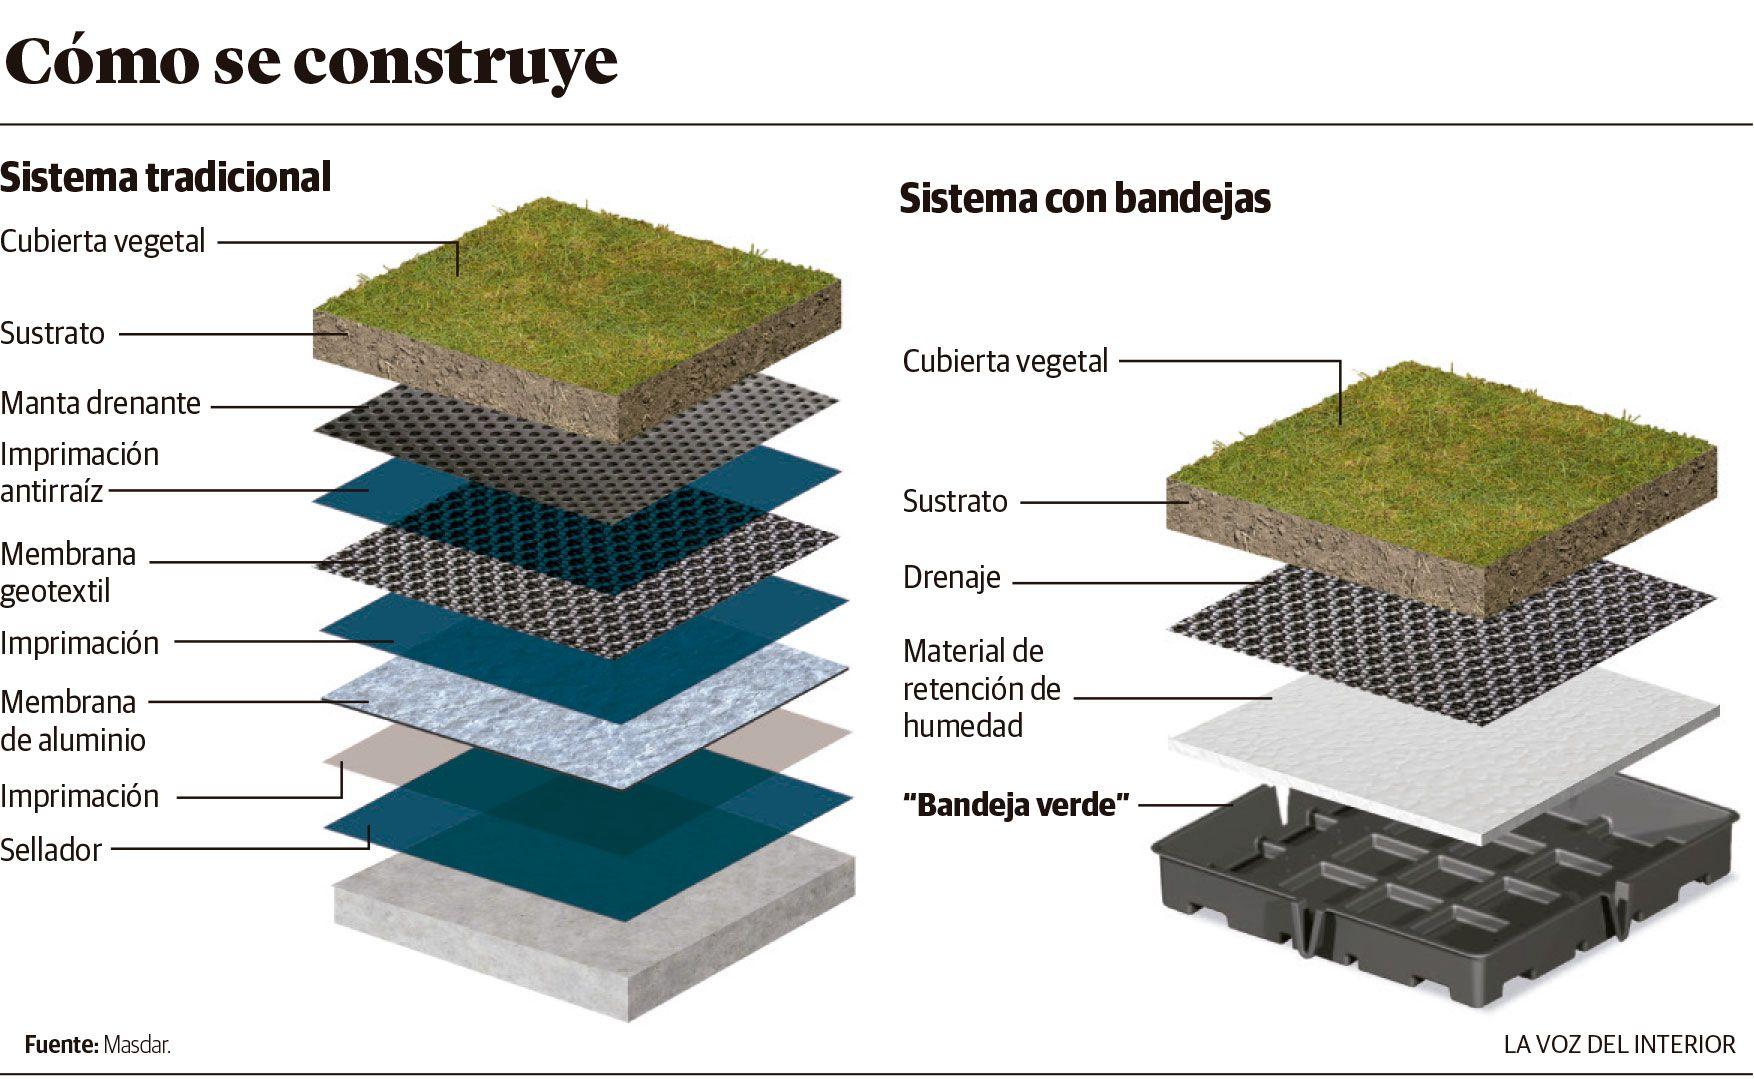 Dos alternativas para colocar techos verdes la voz del for Techos y paredes verdes